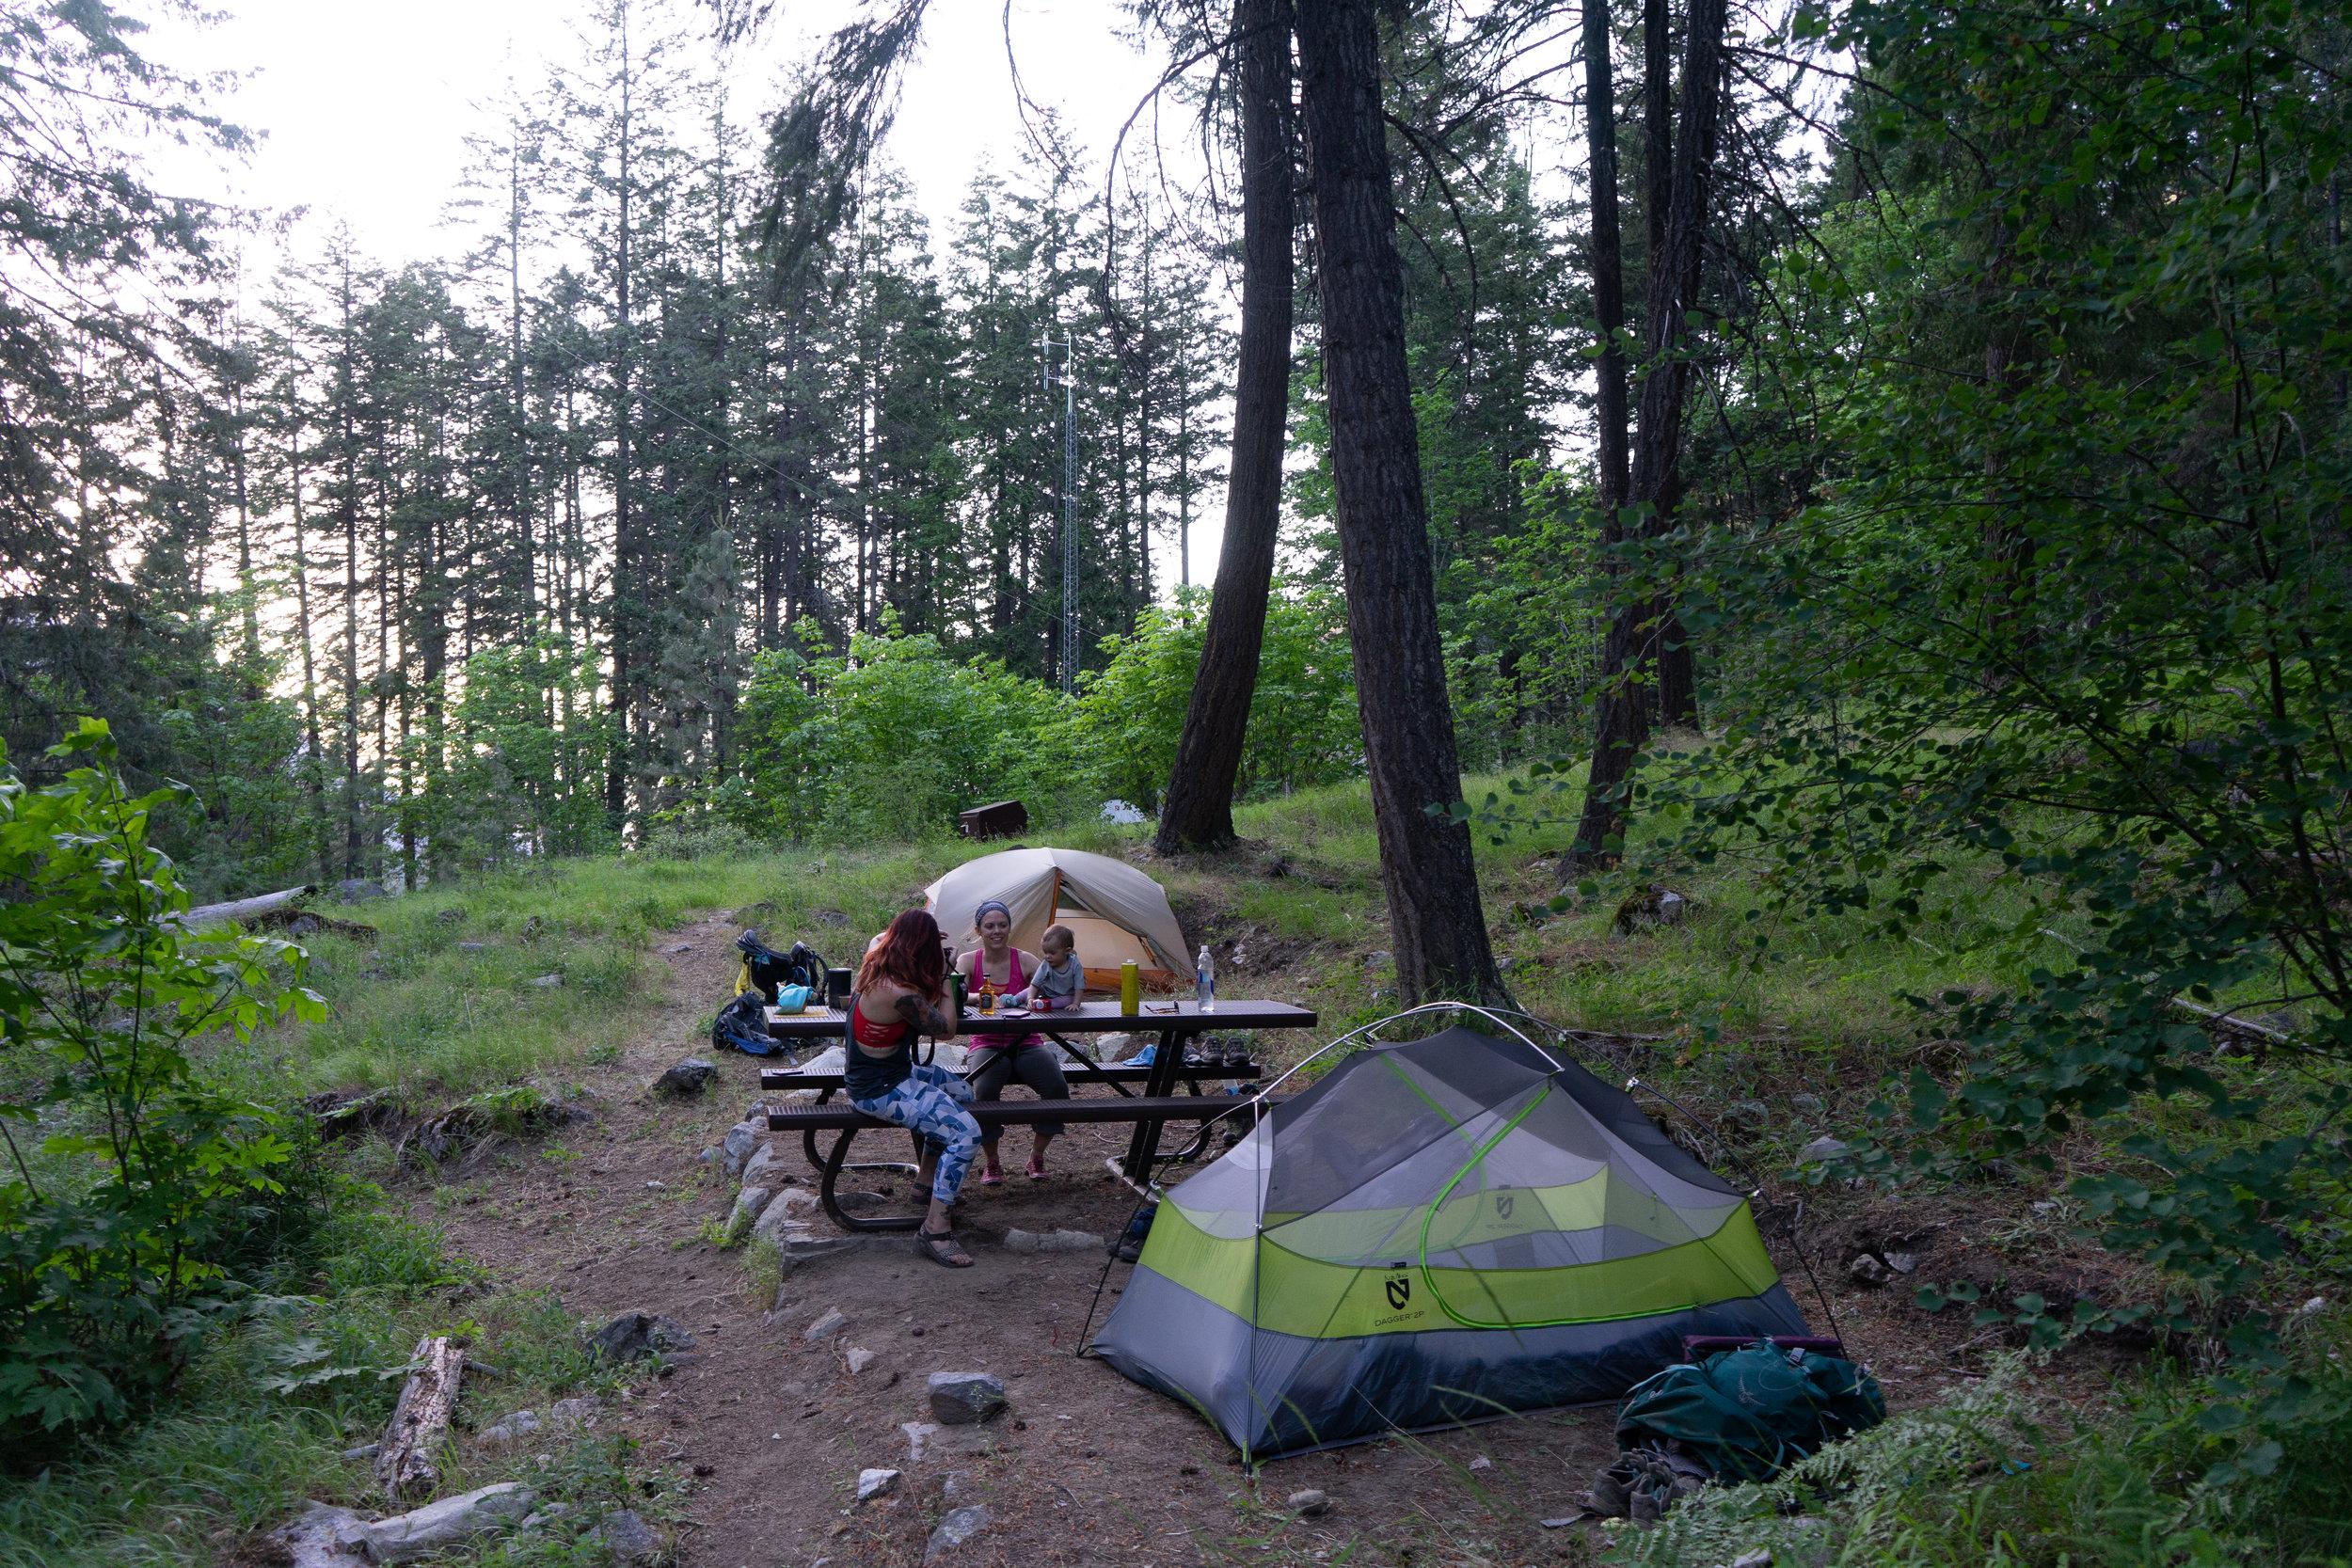 Campsite in Stehekin